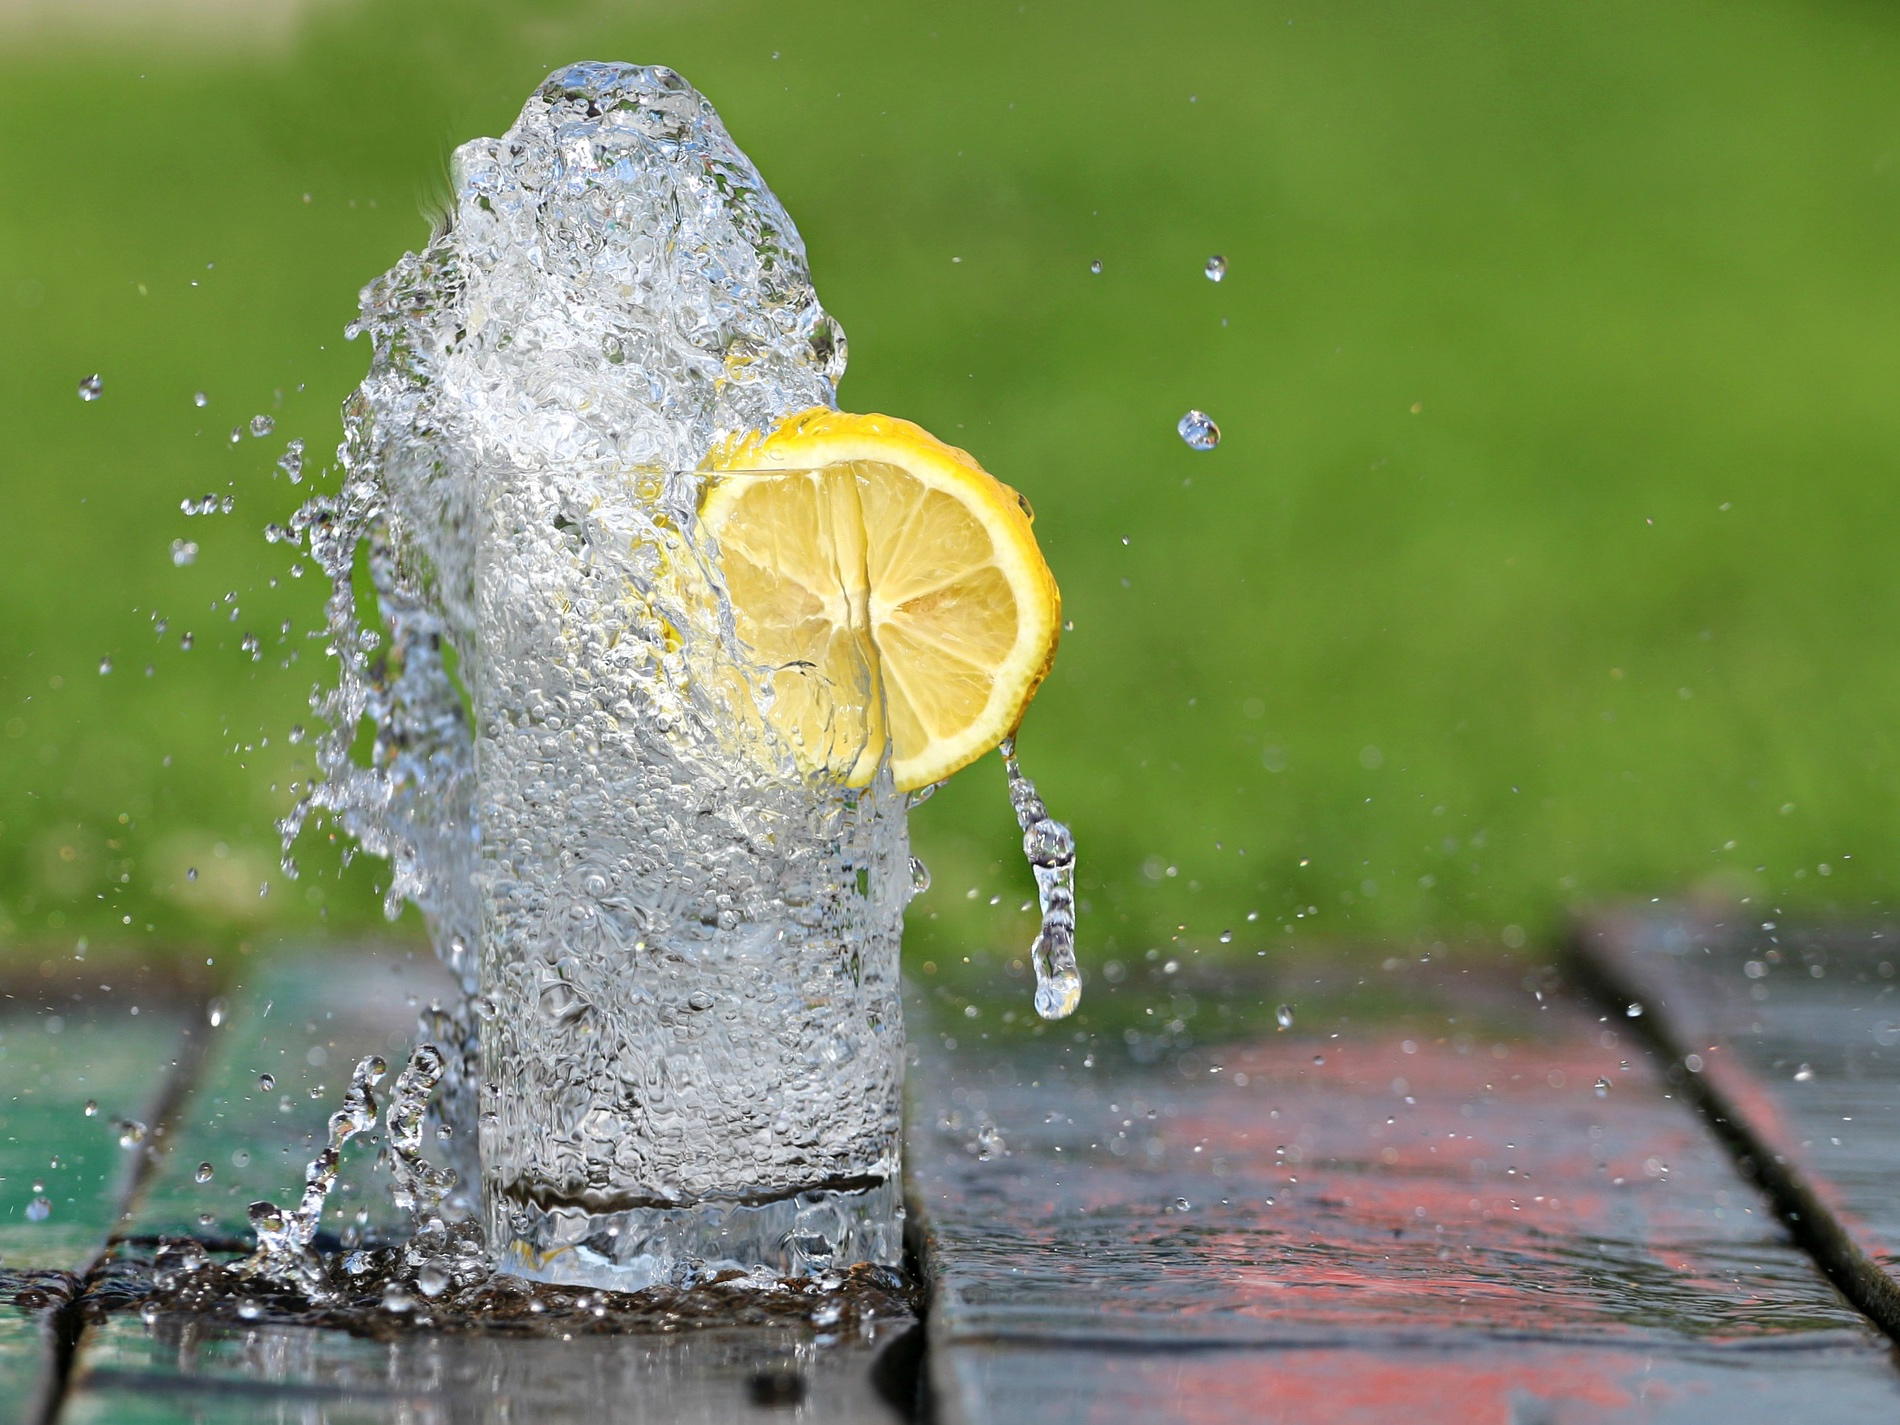 Se l'acqua all'interno dell'organismo viene meno, le cellule rallentano la propria attività e generano meno energia! -